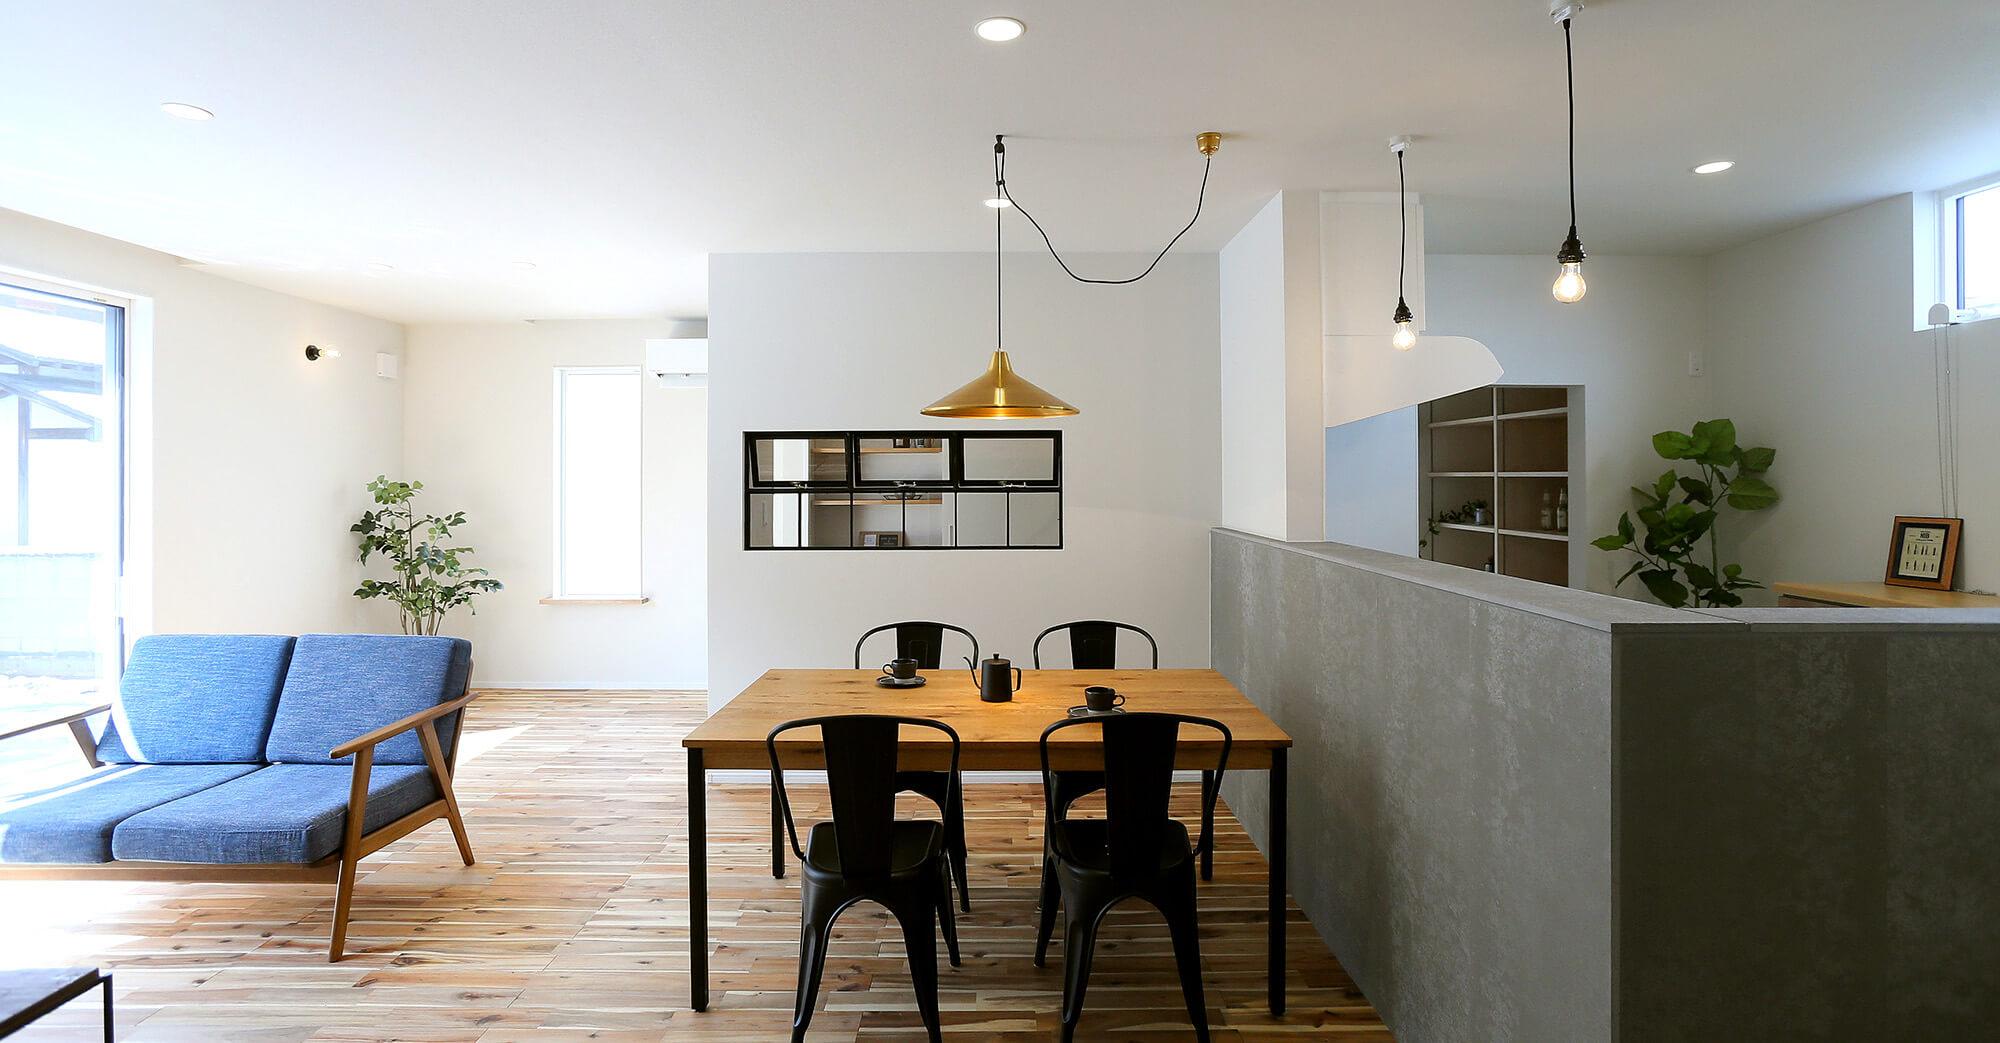 長野で建てる新築一戸建てでは『いい家づくりの主役はあなたです』